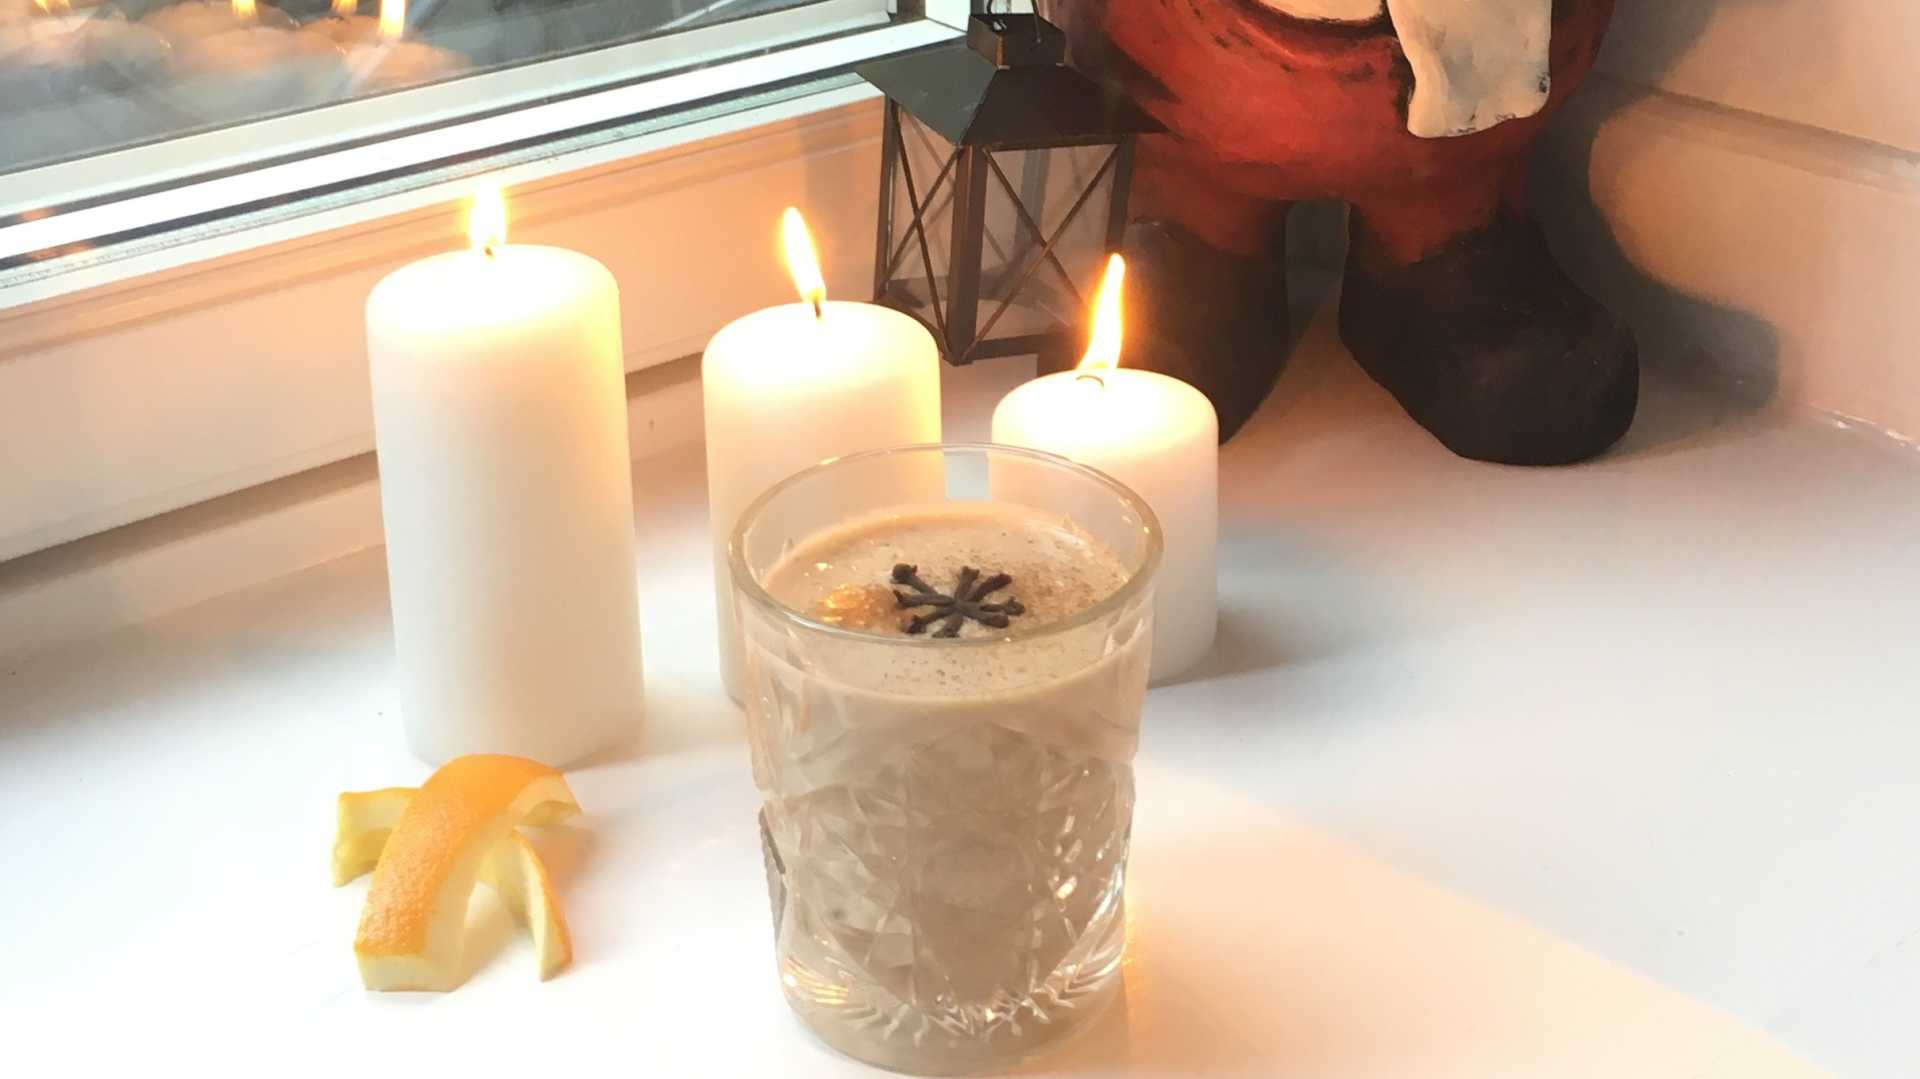 Julsmoothie med smak av apelsin och nejlika